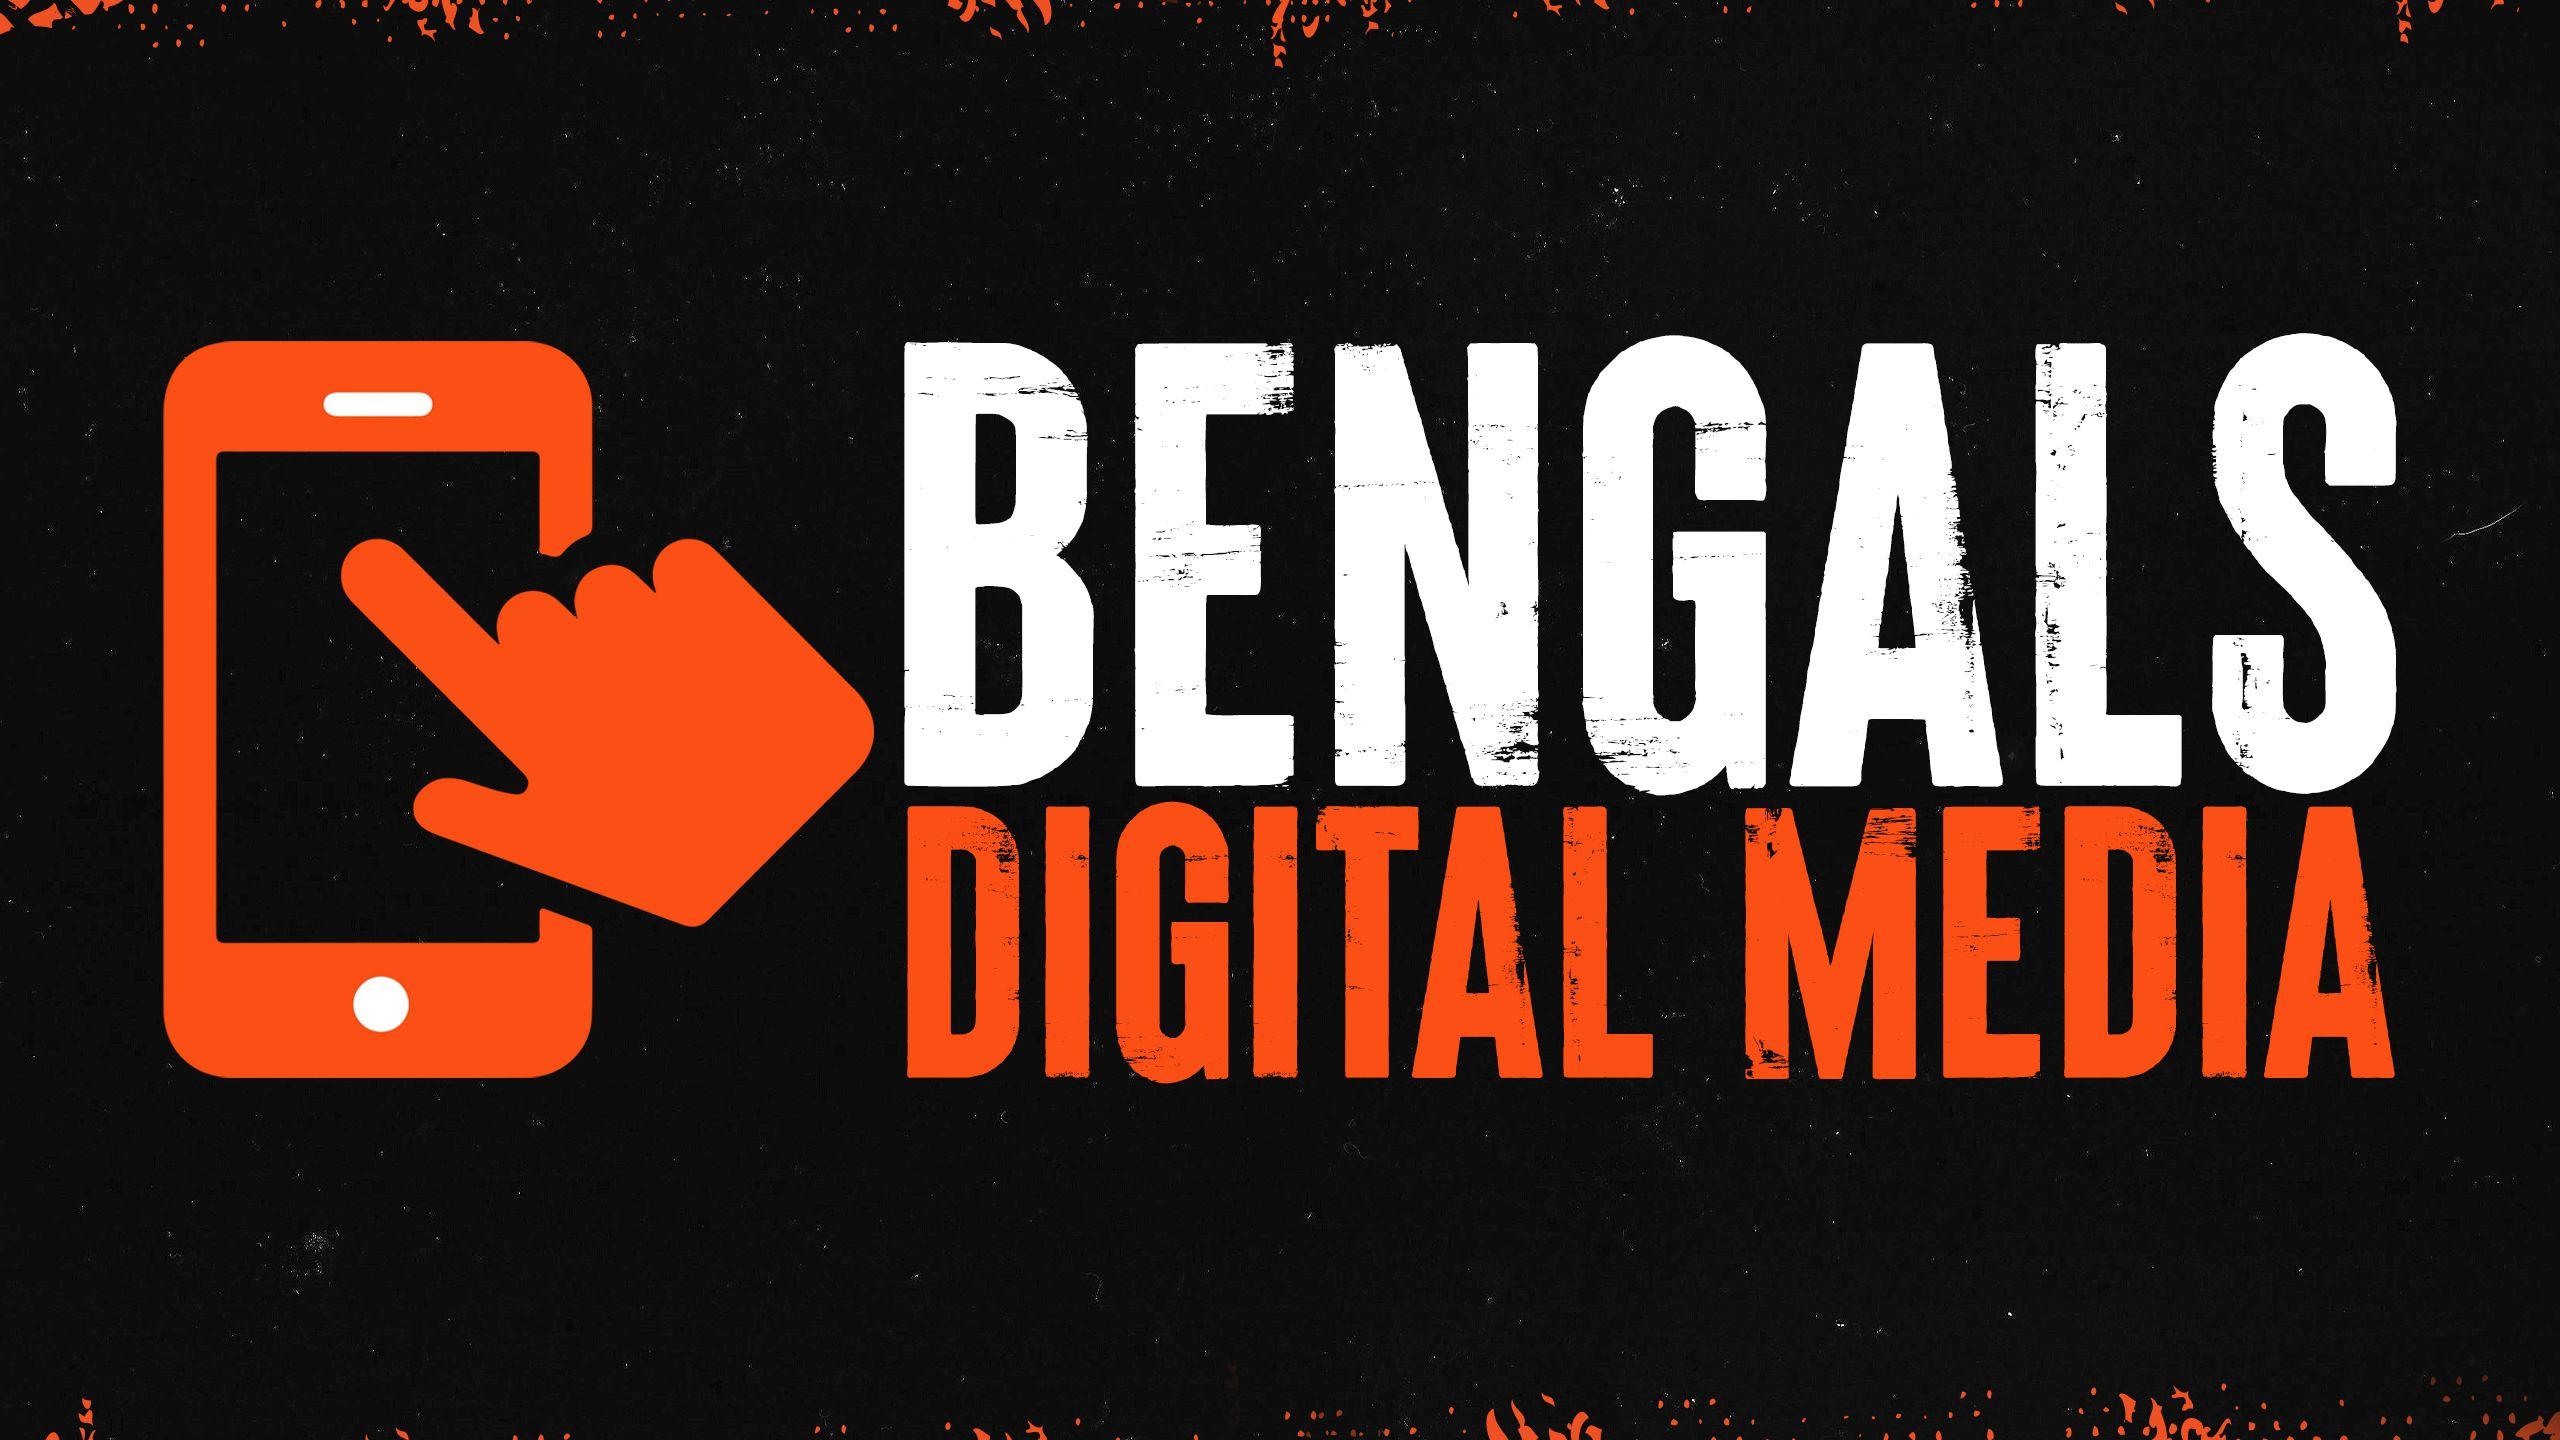 Bengals Digital Media